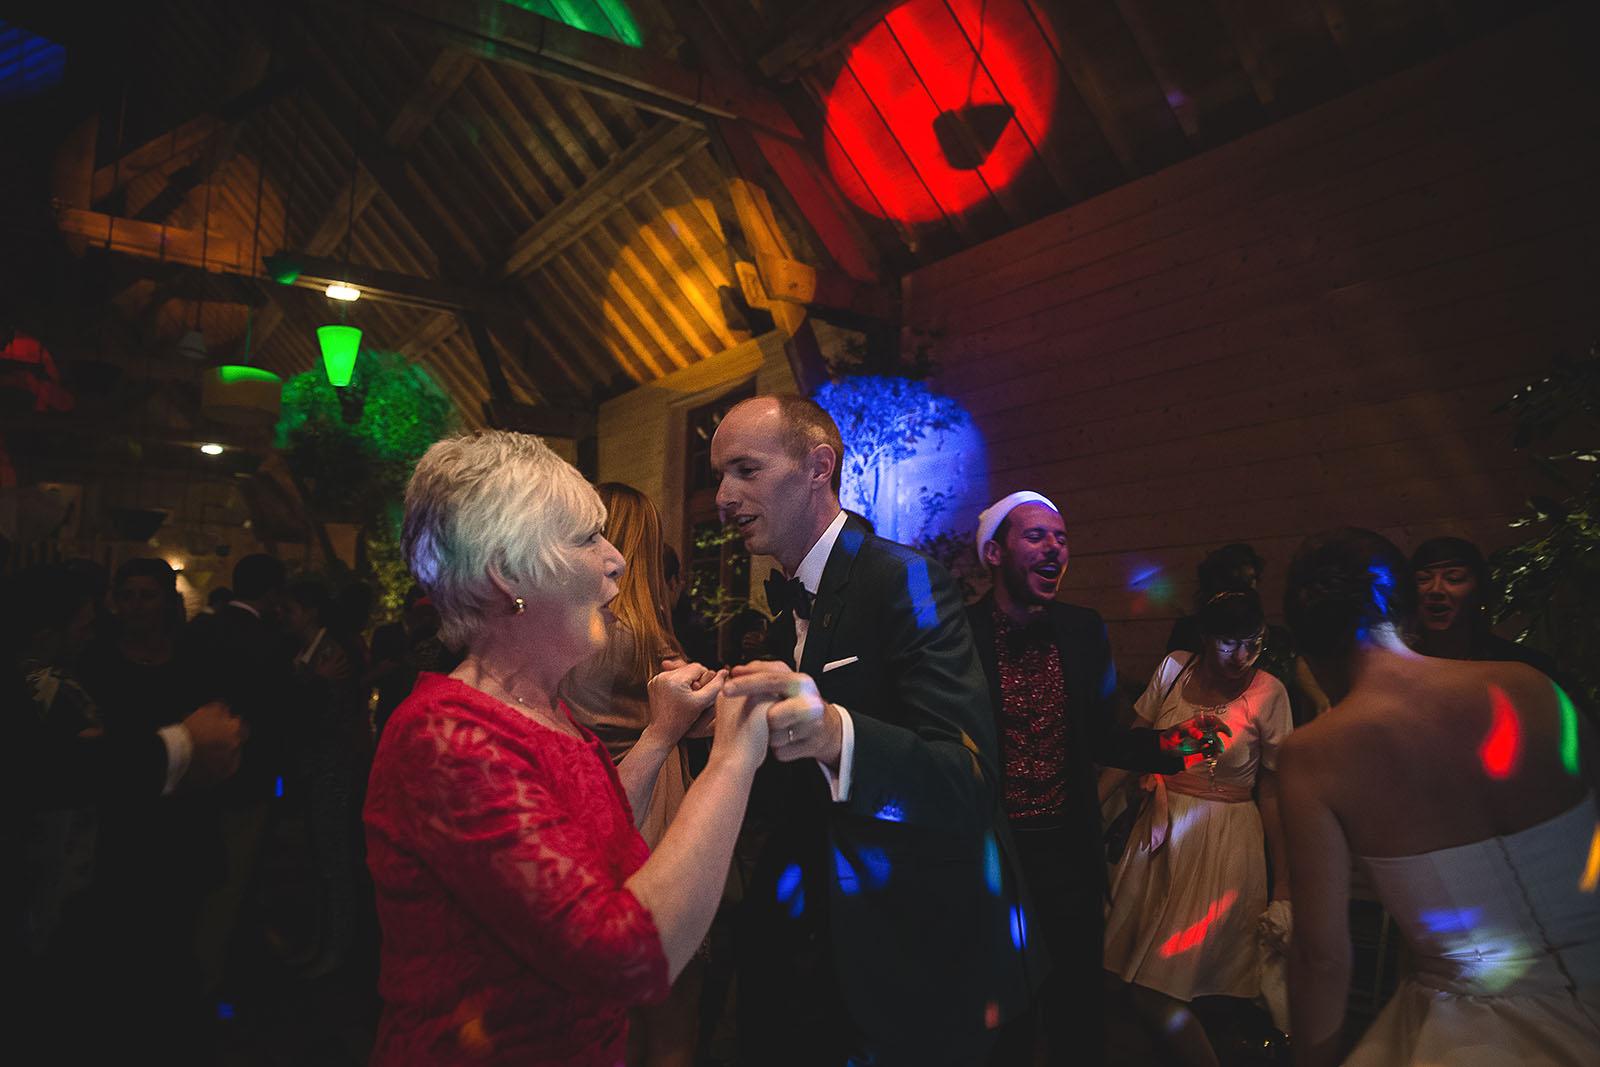 Mariage Manoir des Prévanches. David Pommier photographe de mariage. Le marié danse avec sa mère